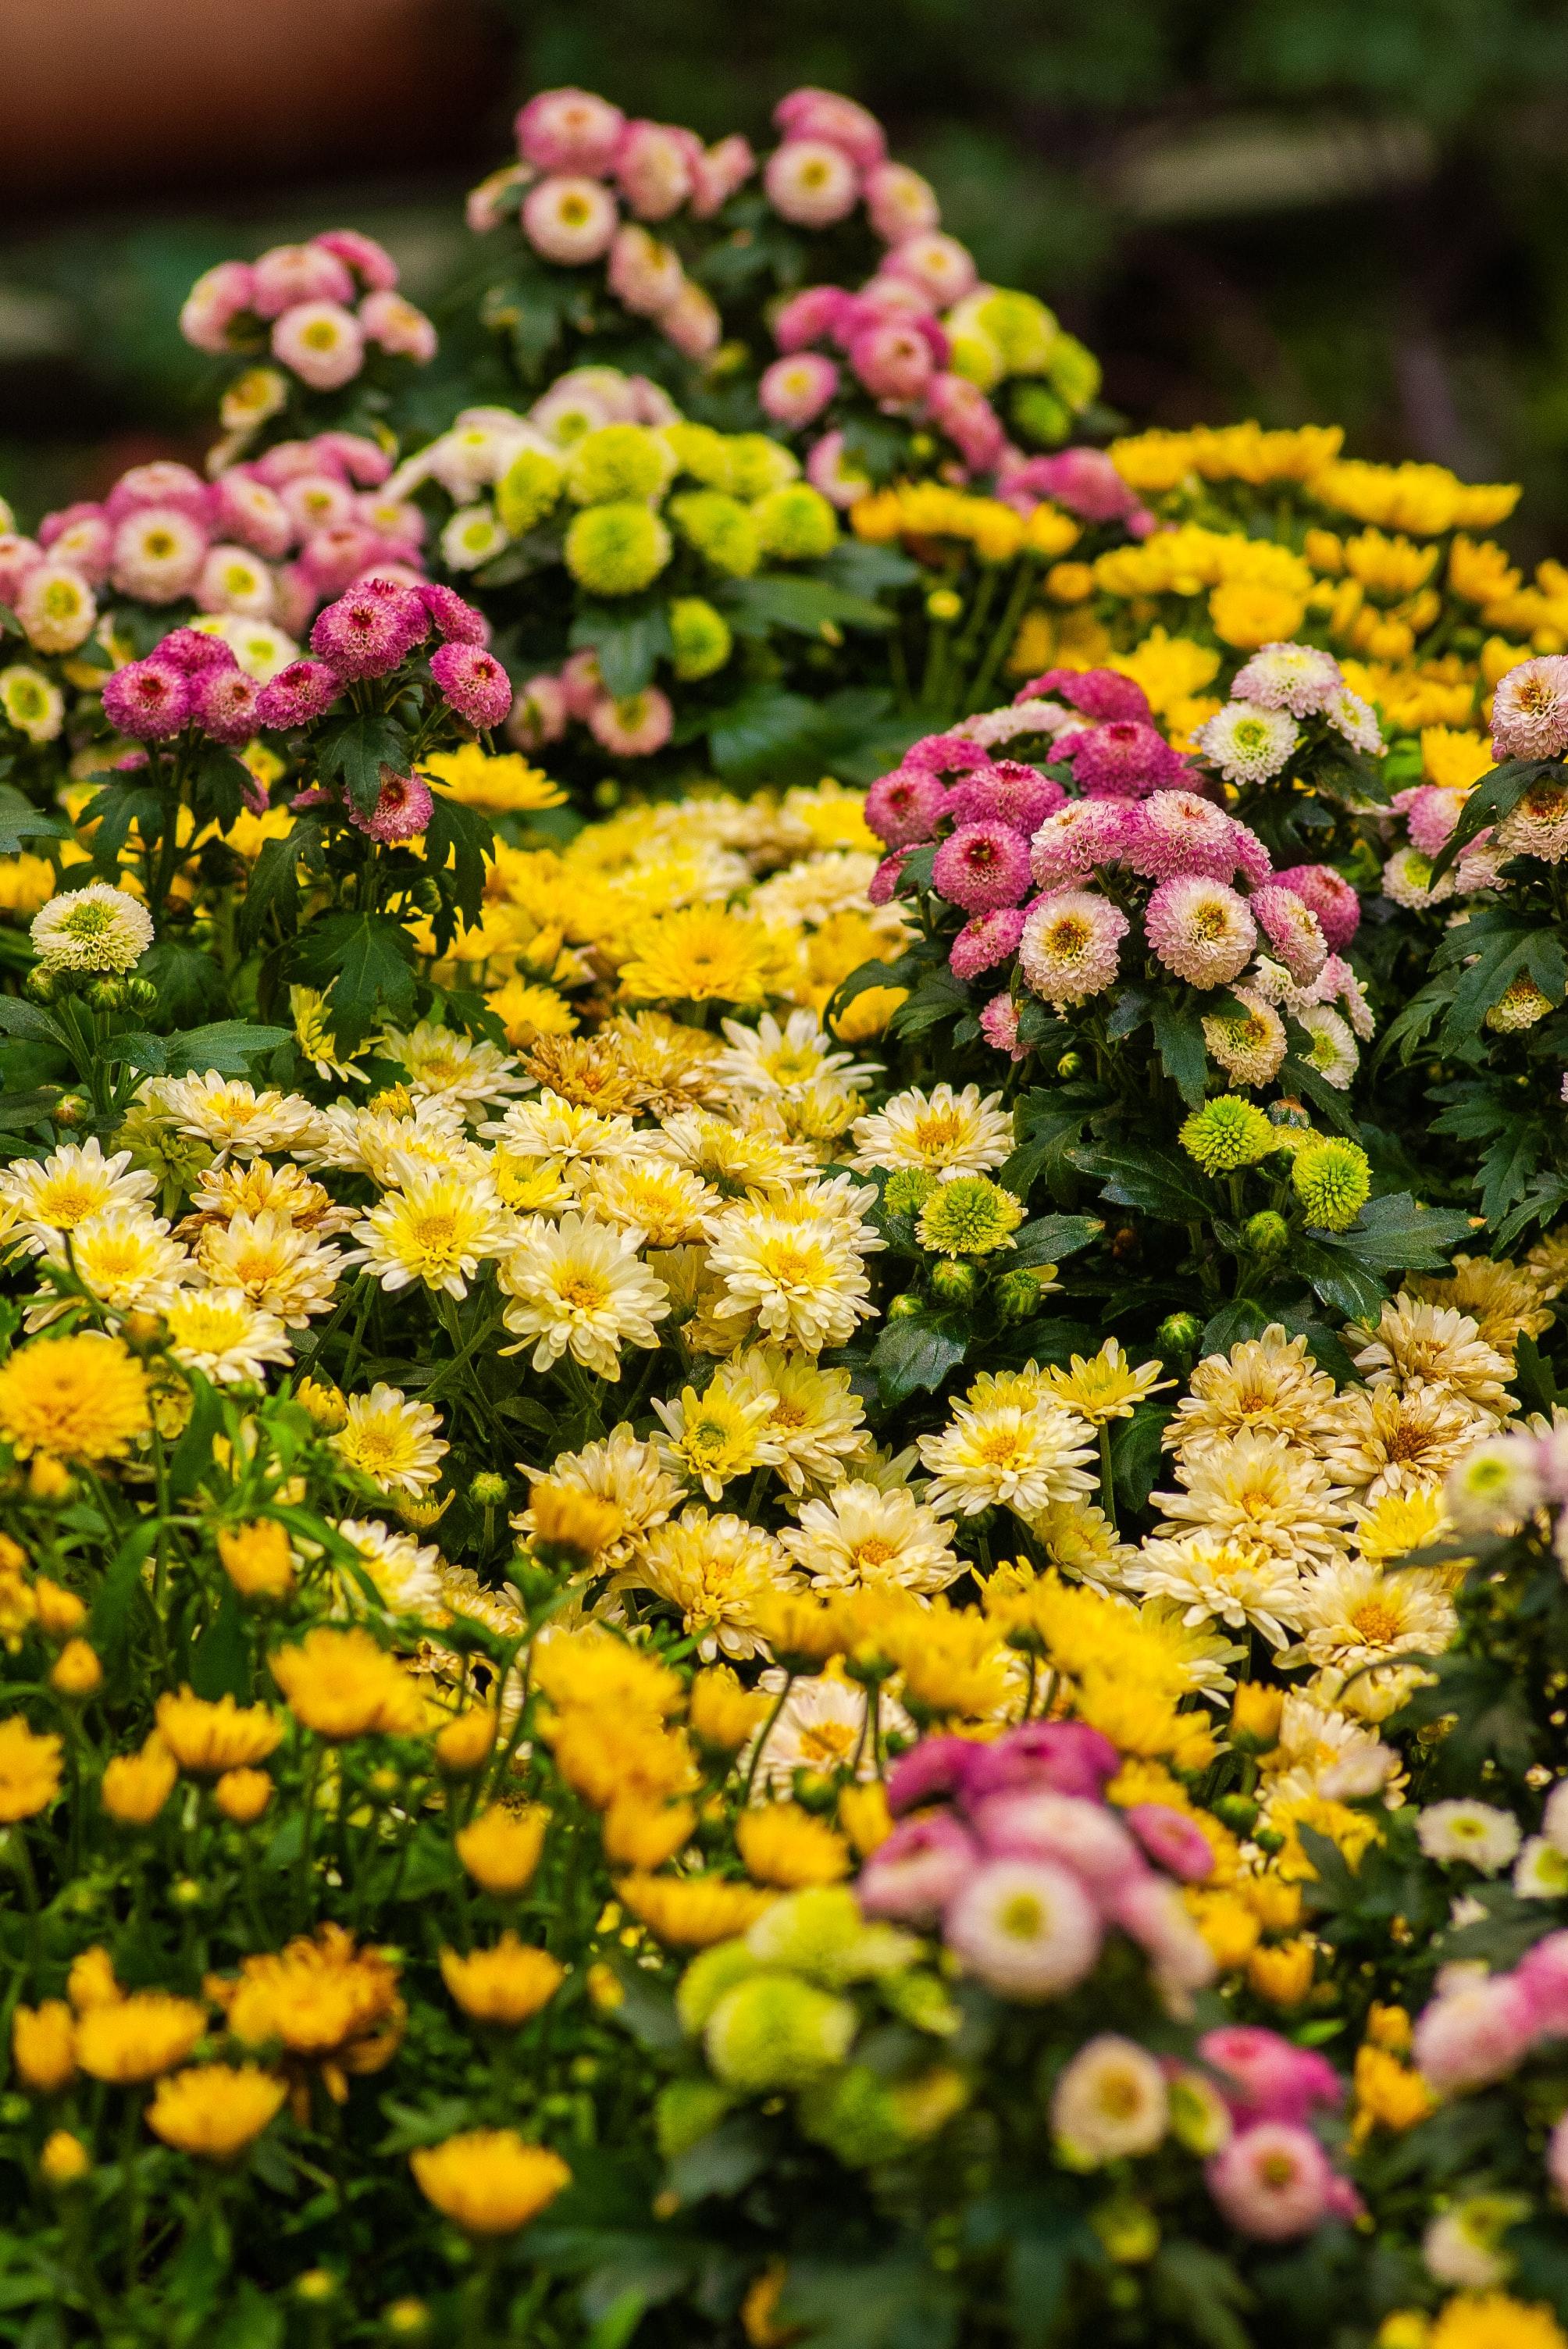 お正月や神仏へのお供えのお花、というイメージは根強くありますが、ヨーロッパでの品種改良が進んでおり、今では2,000種を超えます。普段づかい出来るものや、お祝いのシーンにぴったりな華やかなものまで。本当に様々です。